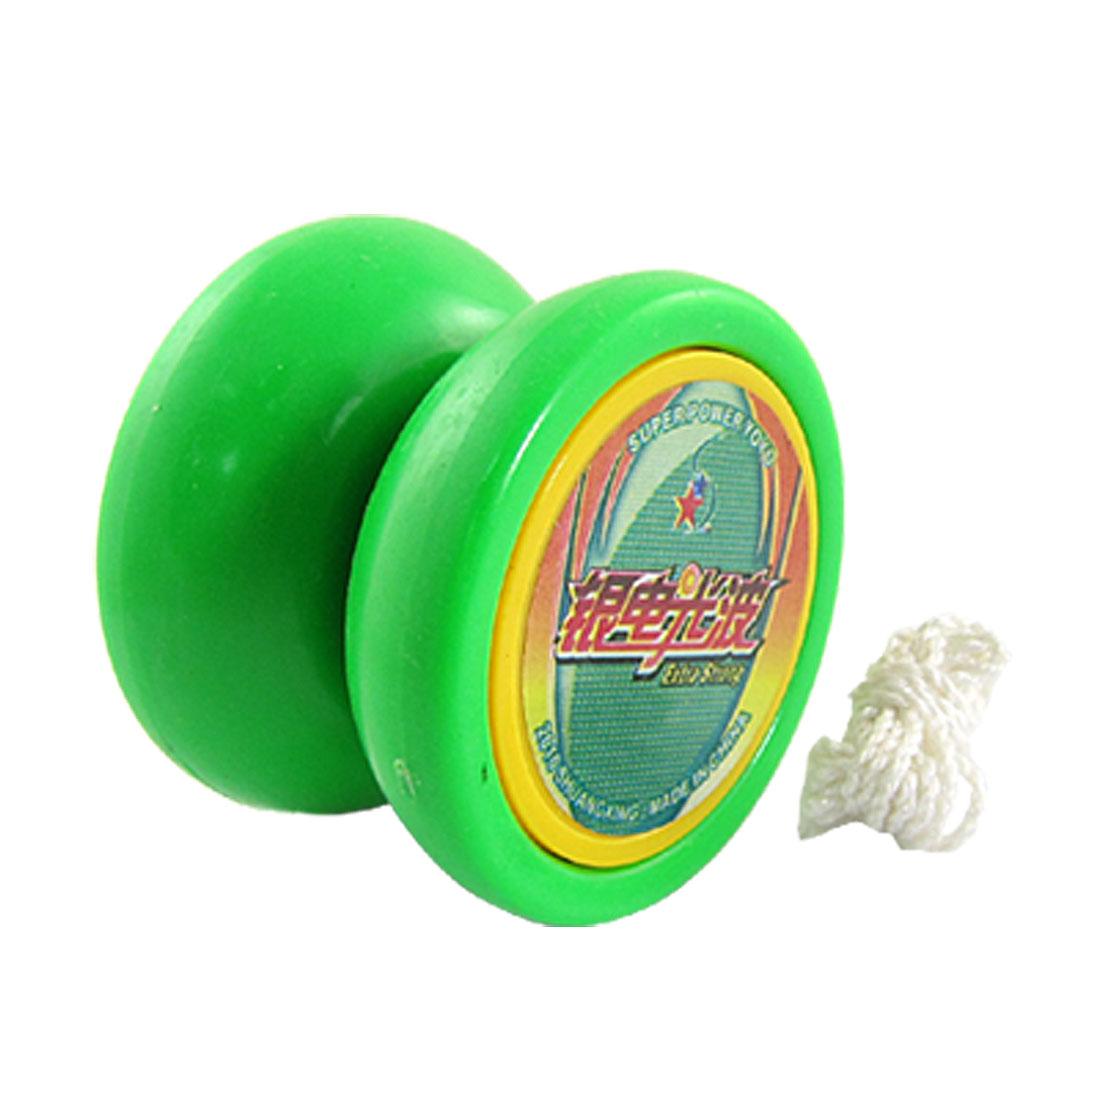 Green Plastic Wheels Metal Axle Yo Yo Ball Toy Gift